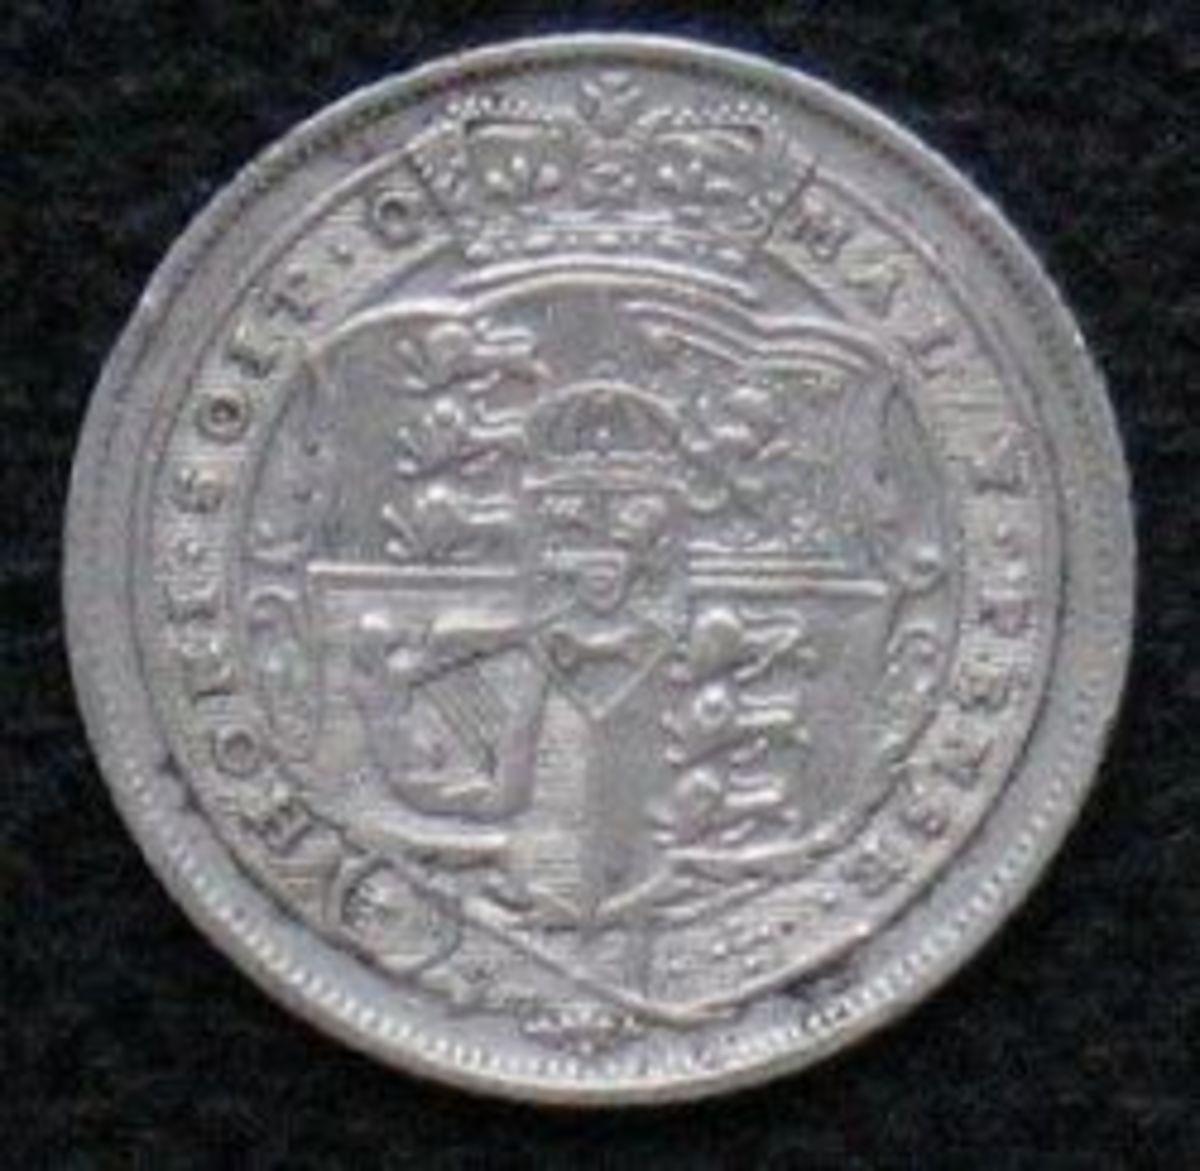 Silver Sixpence for Christmas Pudding